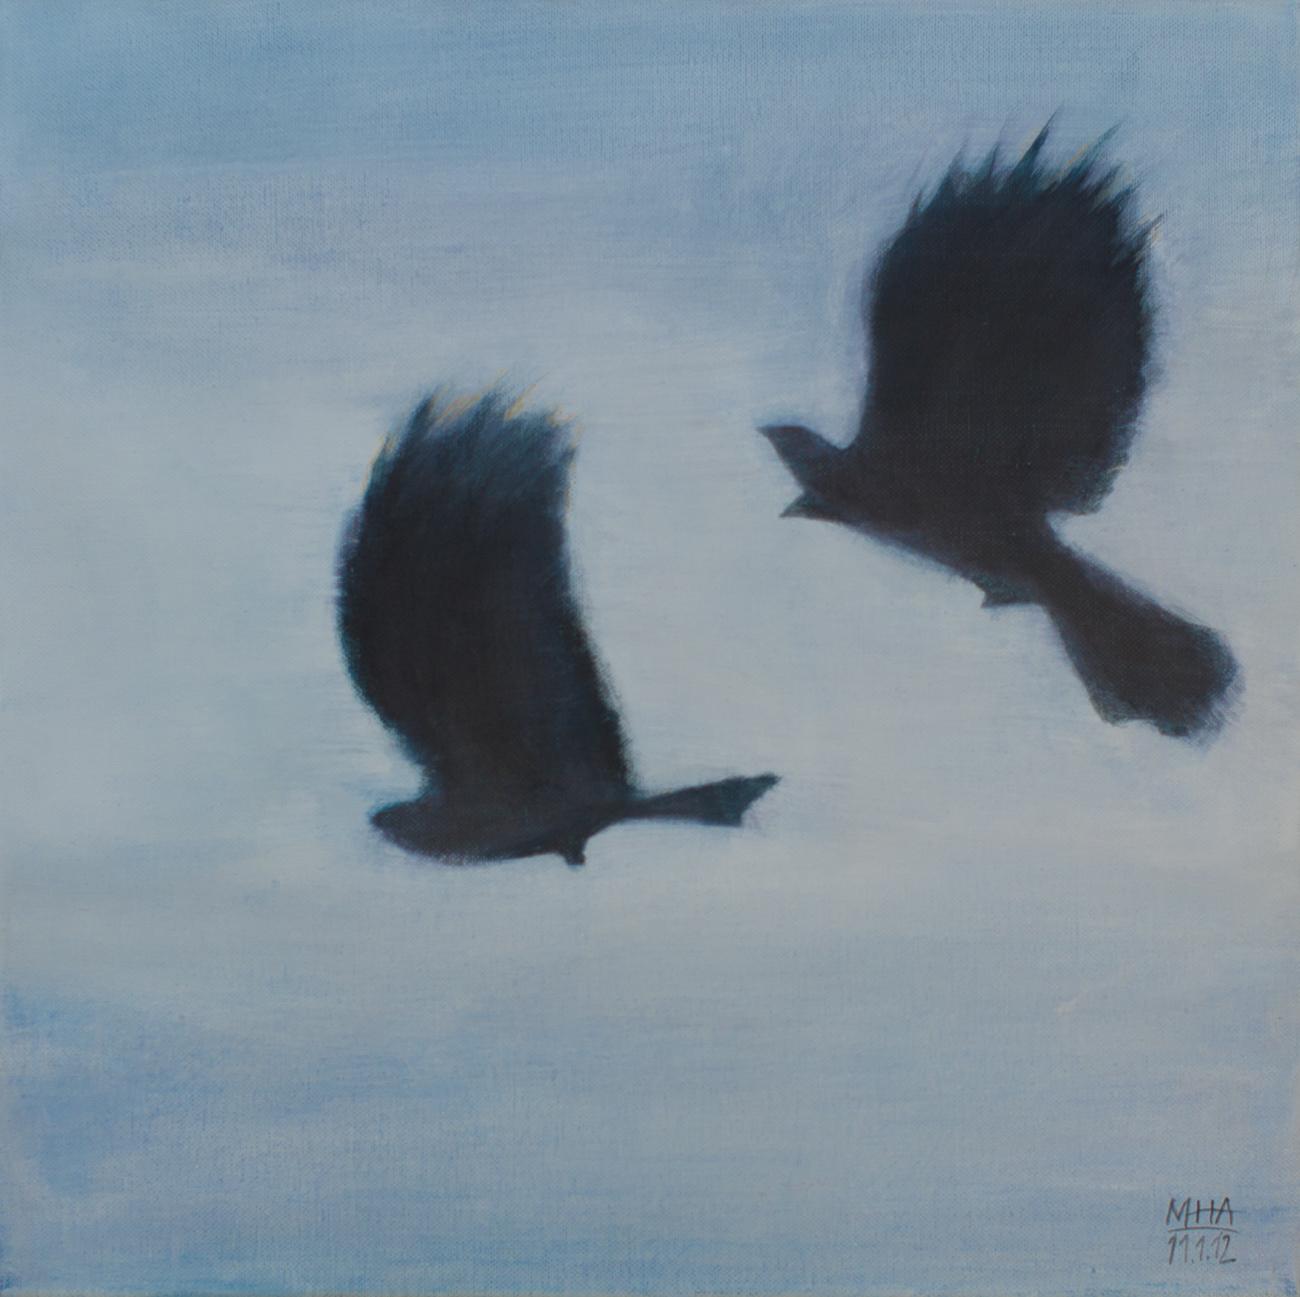 Krähe 8 , 2012,Acryl auf Leinwand, 40x40 cm